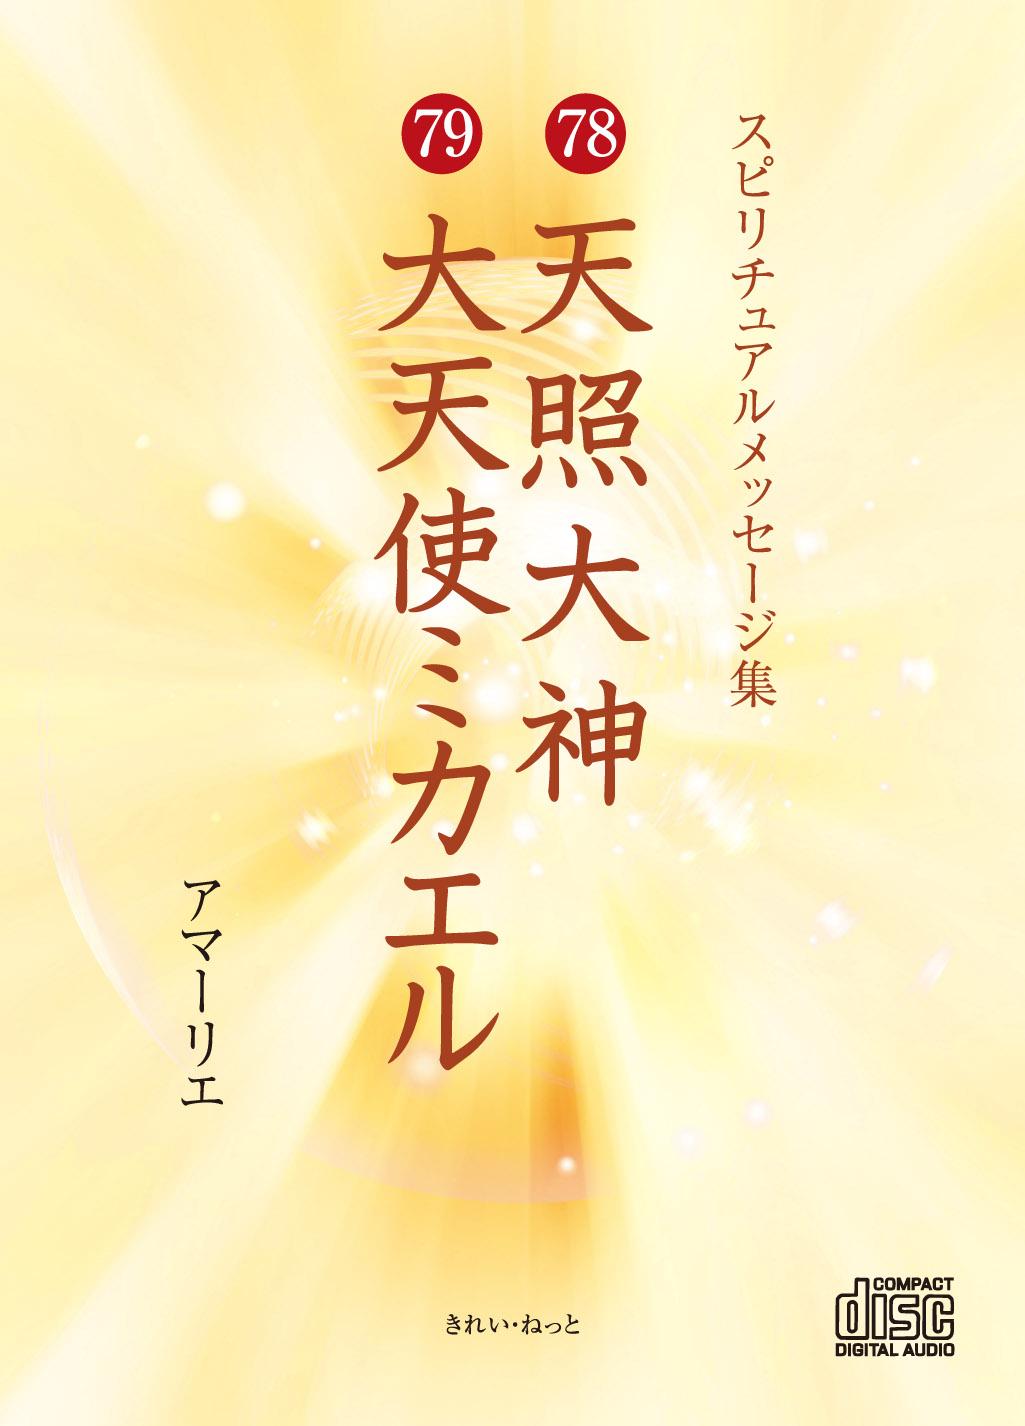 画像1: スピリチュアルメッセージ集CD 78 天照大神 79 大天使ミカエル (1)